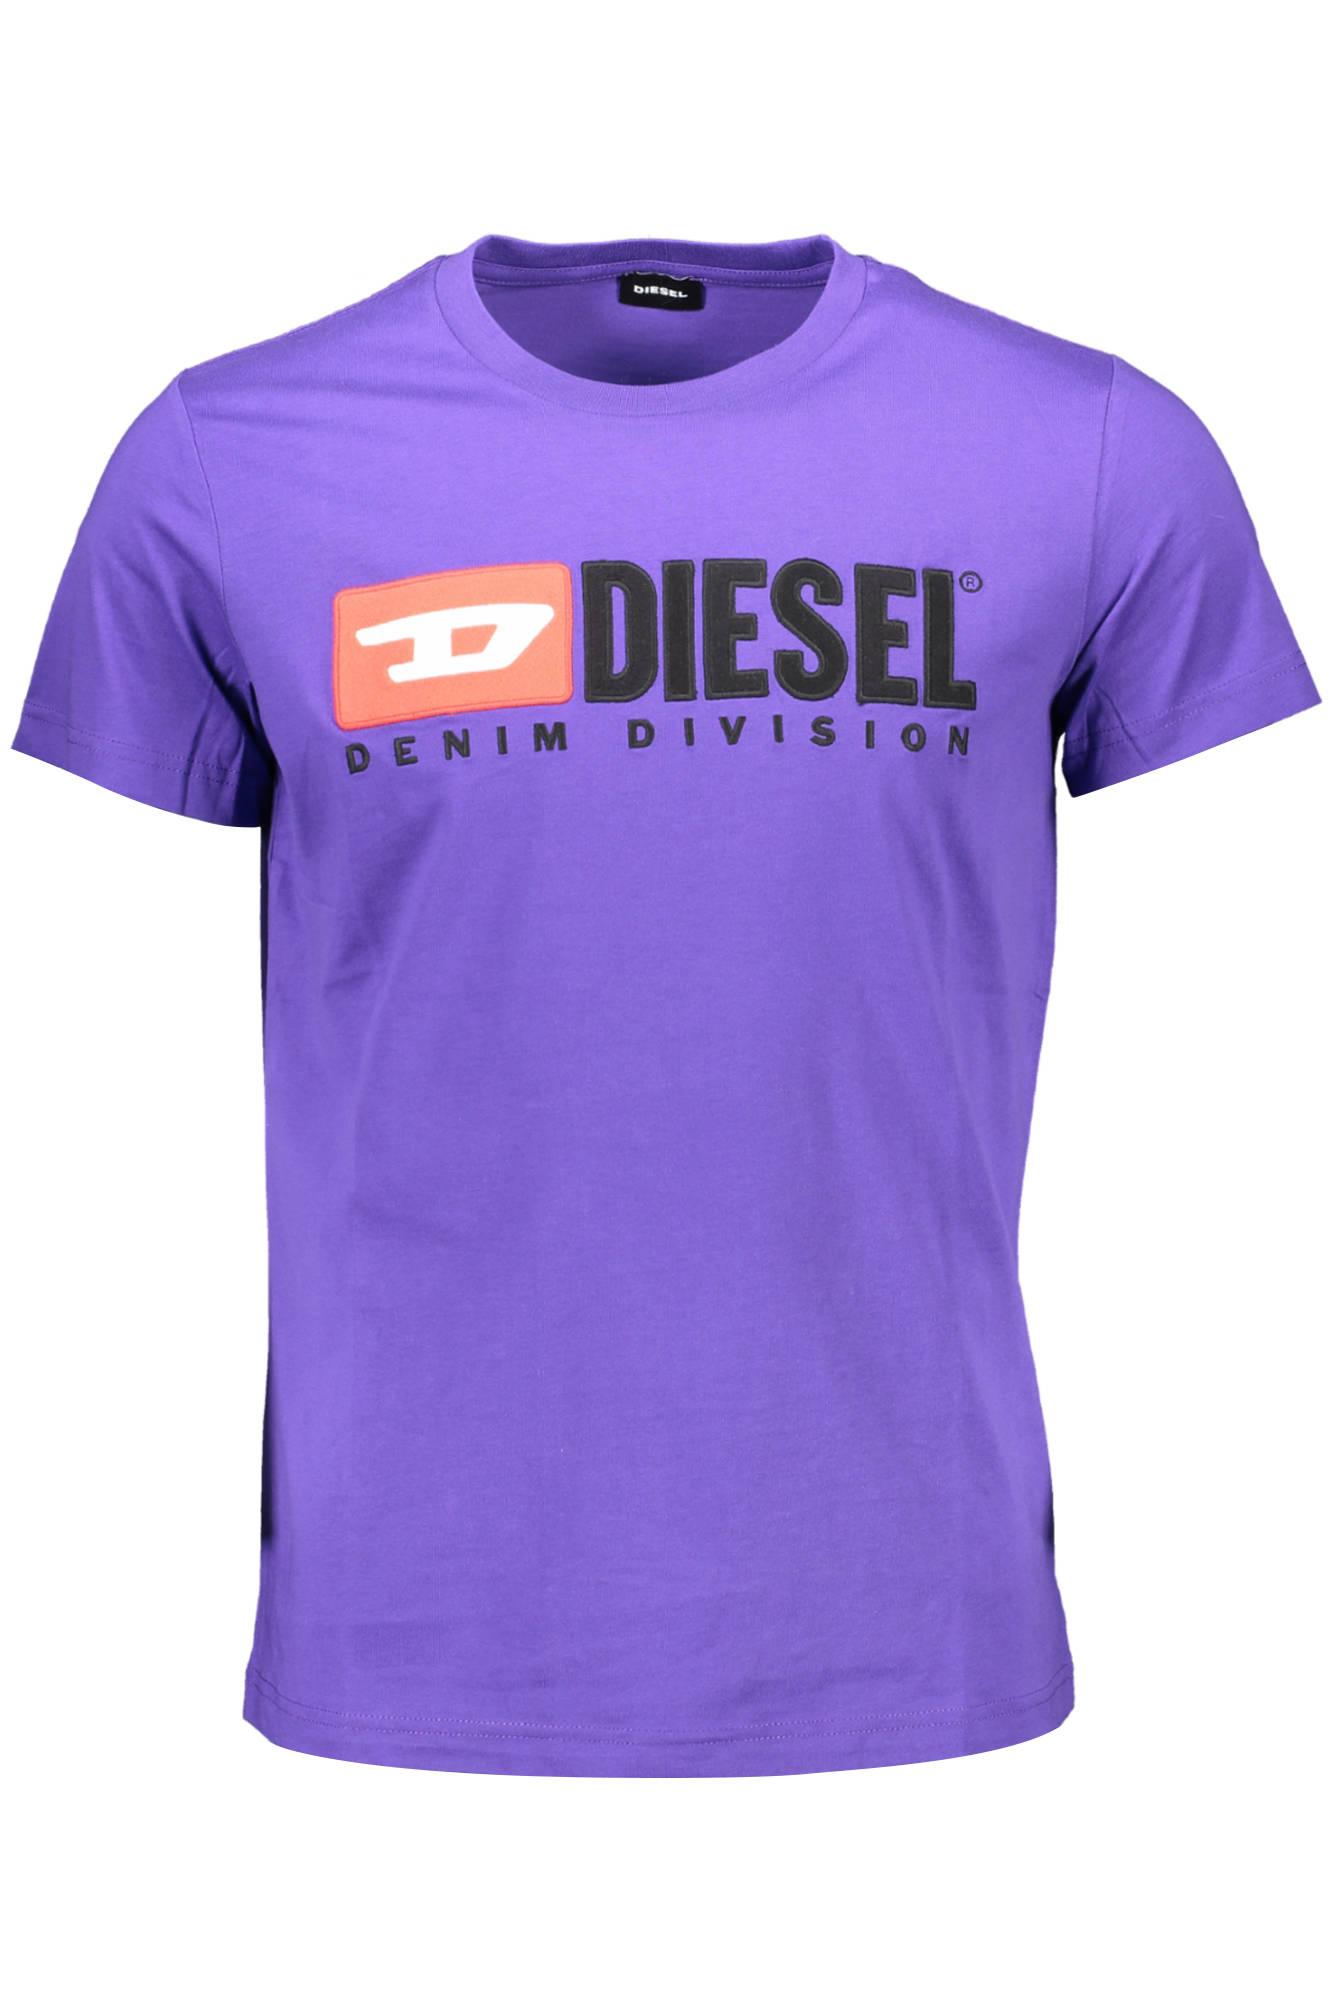 Tričko DIESEL tričko s krátkým rukávem VIOLA